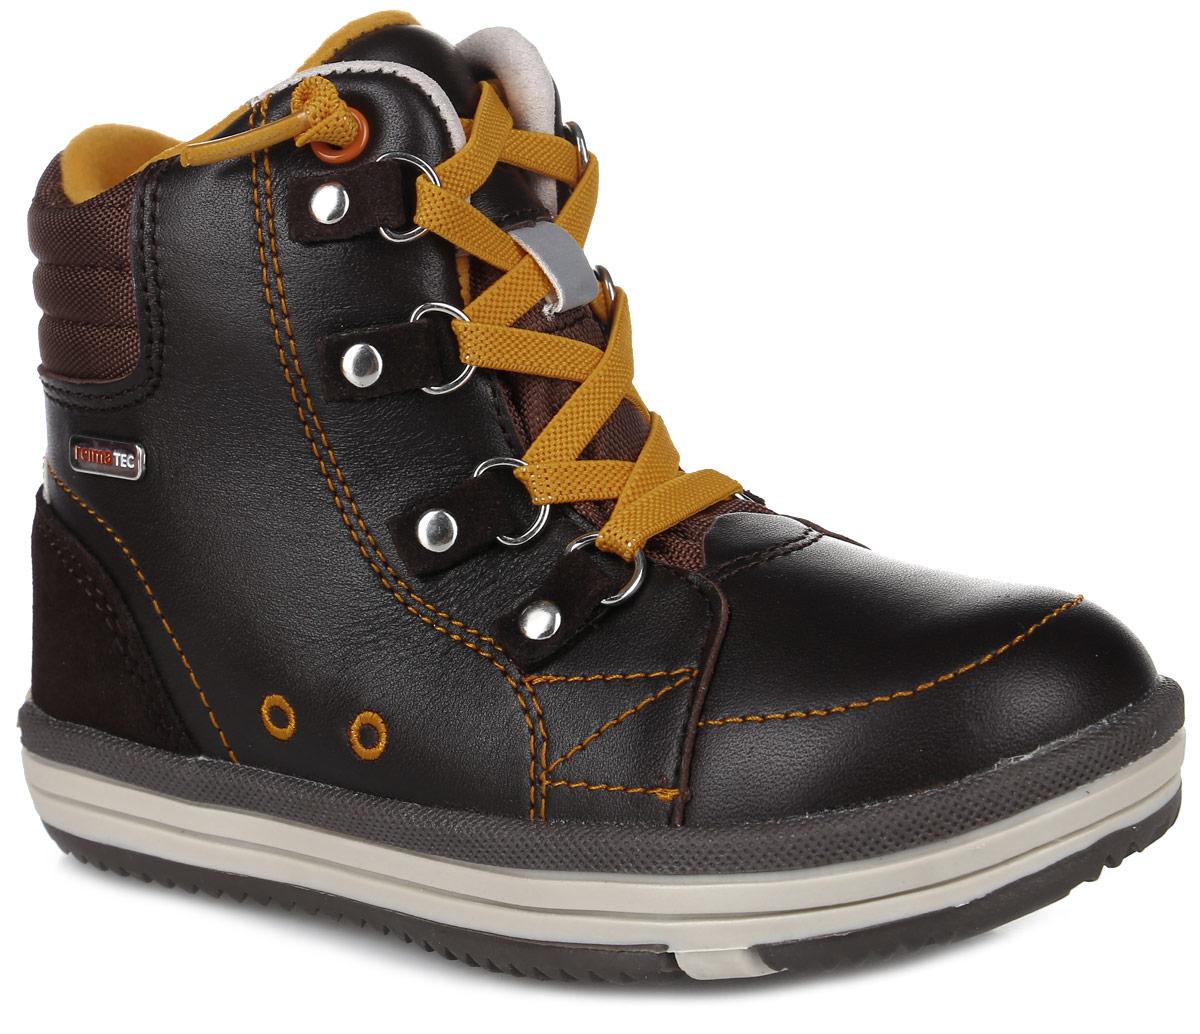 Ботинки детские Reima Reimatec Weather, цвет: темно-коричневый. 569285-1900. Размер 33569285-1900Стильные ботинки от Reima Weather выполнены из натуральной кожи, задник оформлен вставкой из замши и логотипом бренда. Классическая шнуровка надежно зафиксирует изделие на ноге. Подкладка и стелька выполнены из текстиля, что обеспечивает комфорти уют ногам. Язычок декорирован тиснением в виде логотипа бренда. Подошва изготовлена из прочного материала, обеспечивающего длительную носку и хорошее сцепление с любой поверхностью. В комплекте предусмотрена дополнительная пара шнурков.